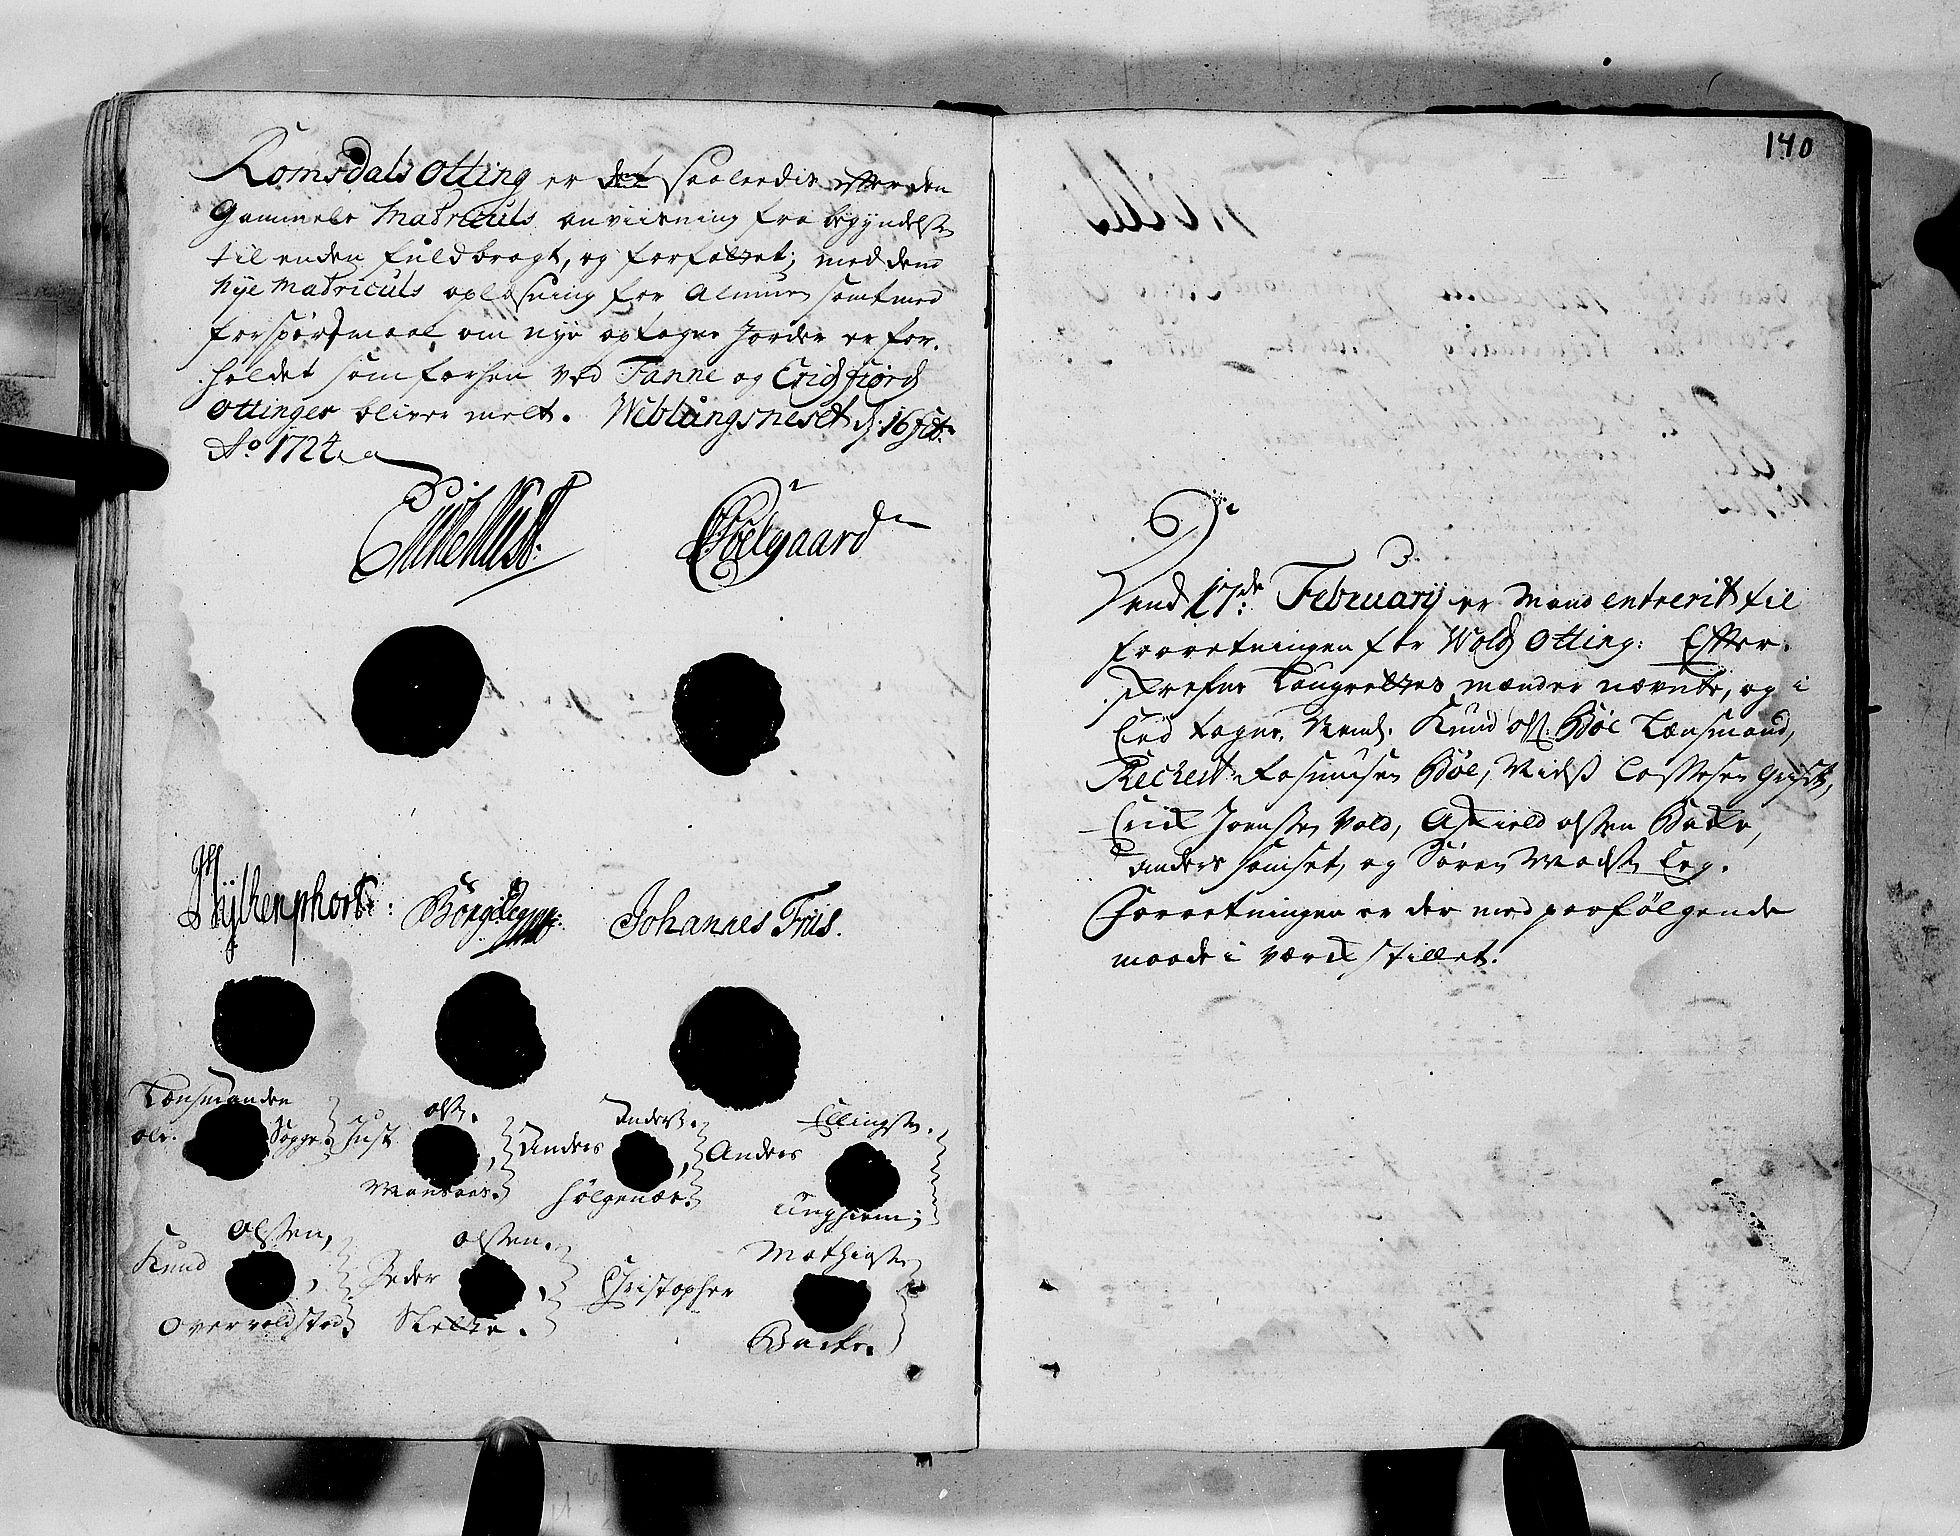 RA, Rentekammeret inntil 1814, Realistisk ordnet avdeling, N/Nb/Nbf/L0152: Romsdal eksaminasjonsprotokoll, 1724, s. 139b-140a